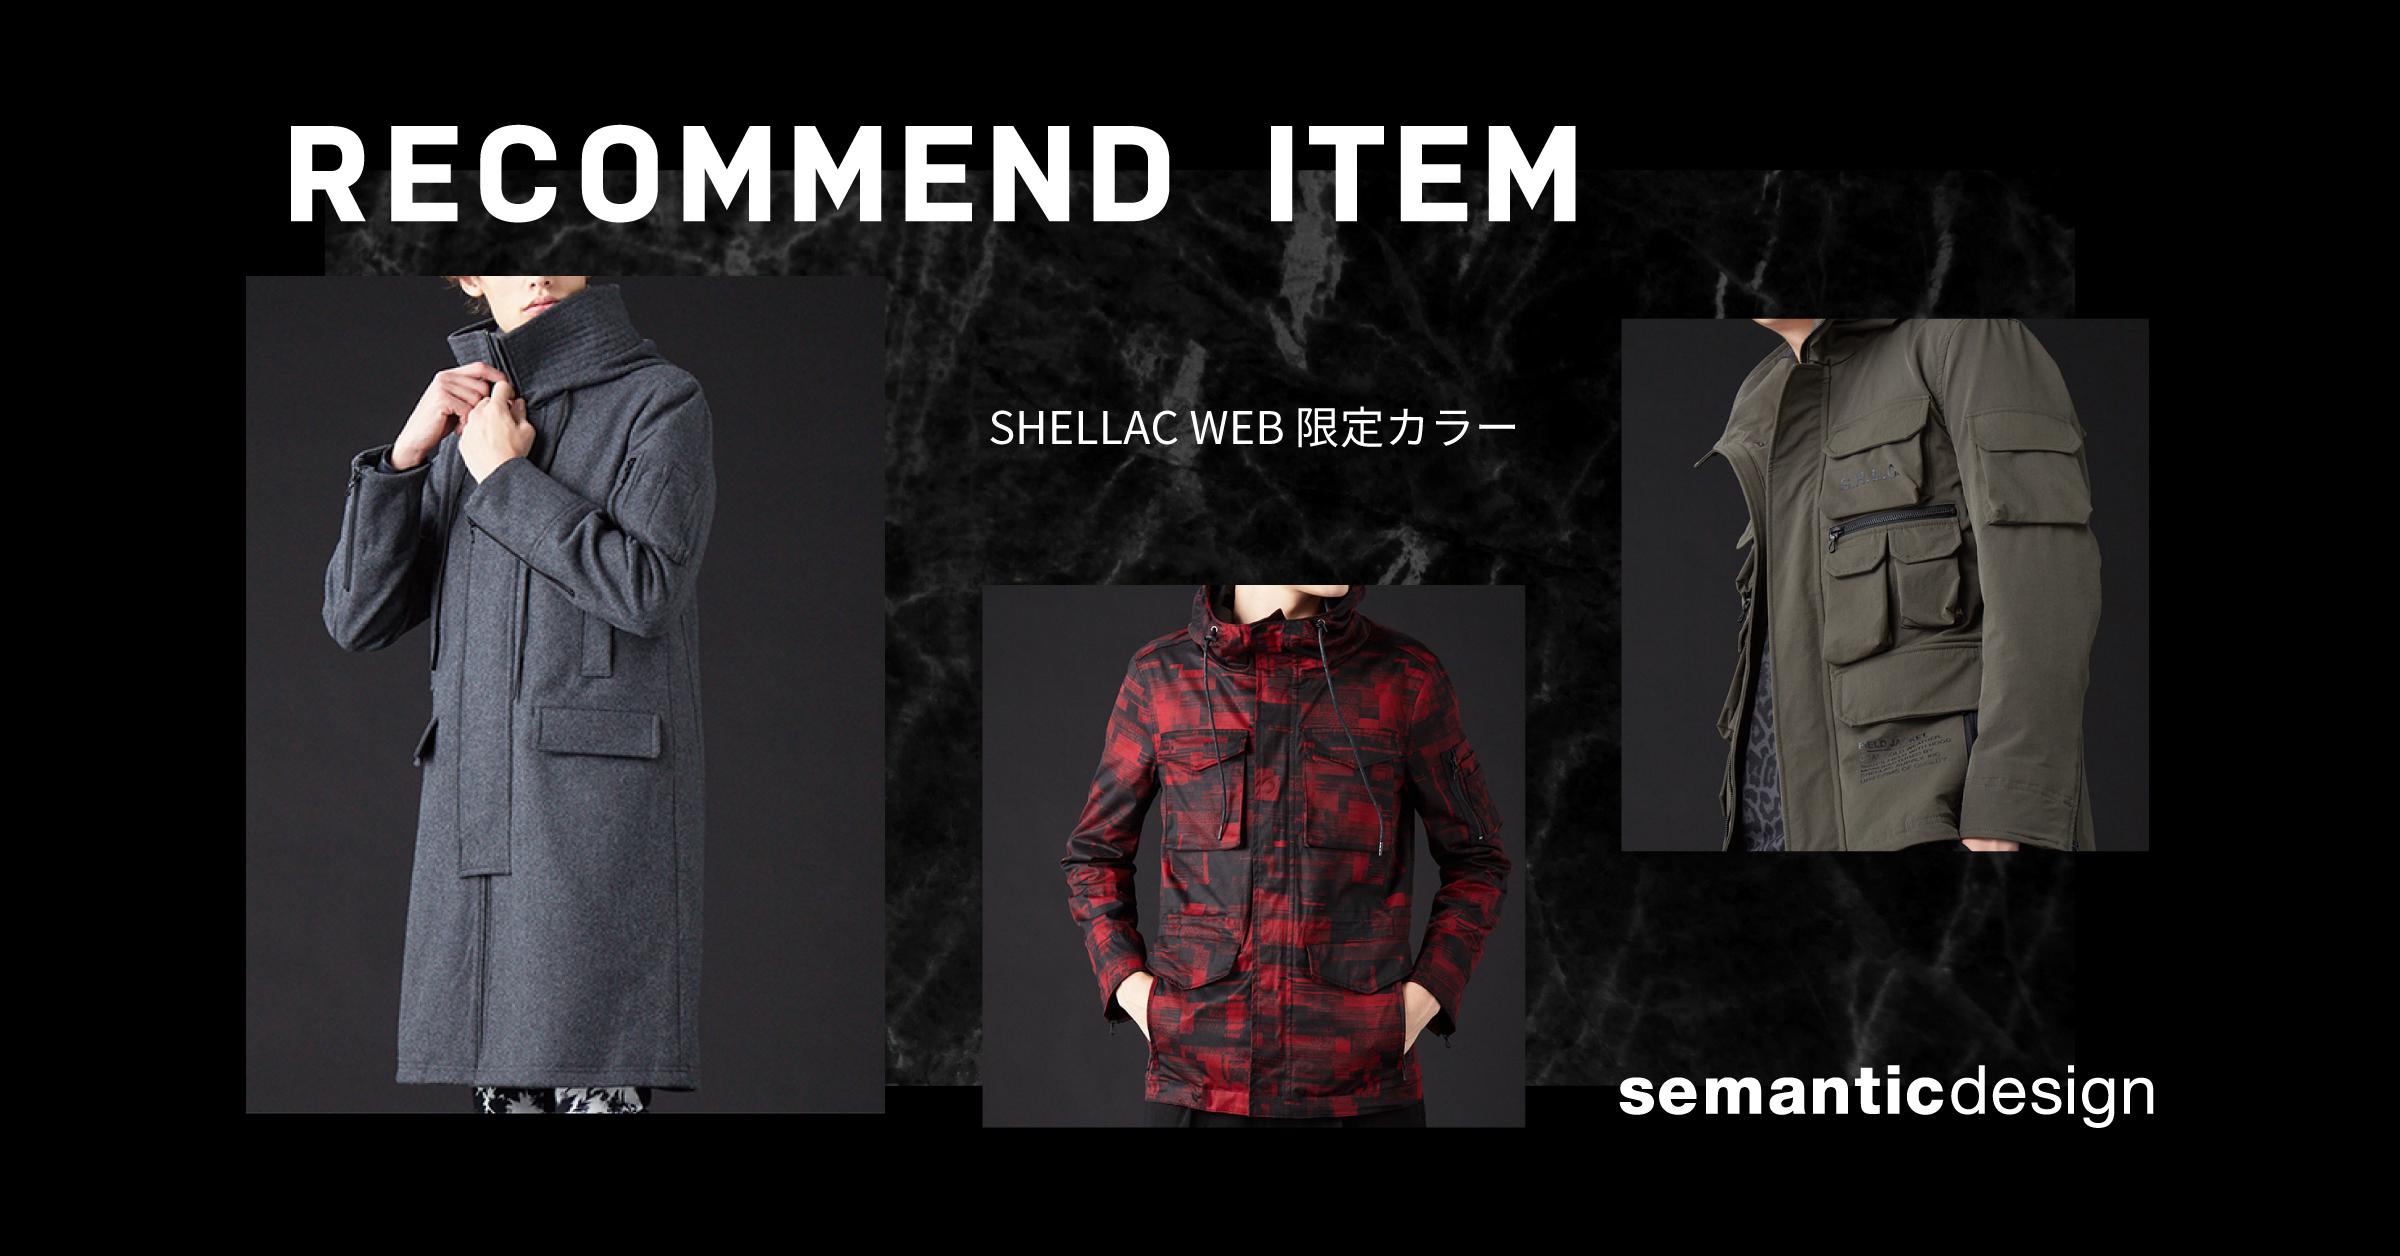 SHELLAC(シェラック) WEB限定 アウター collection